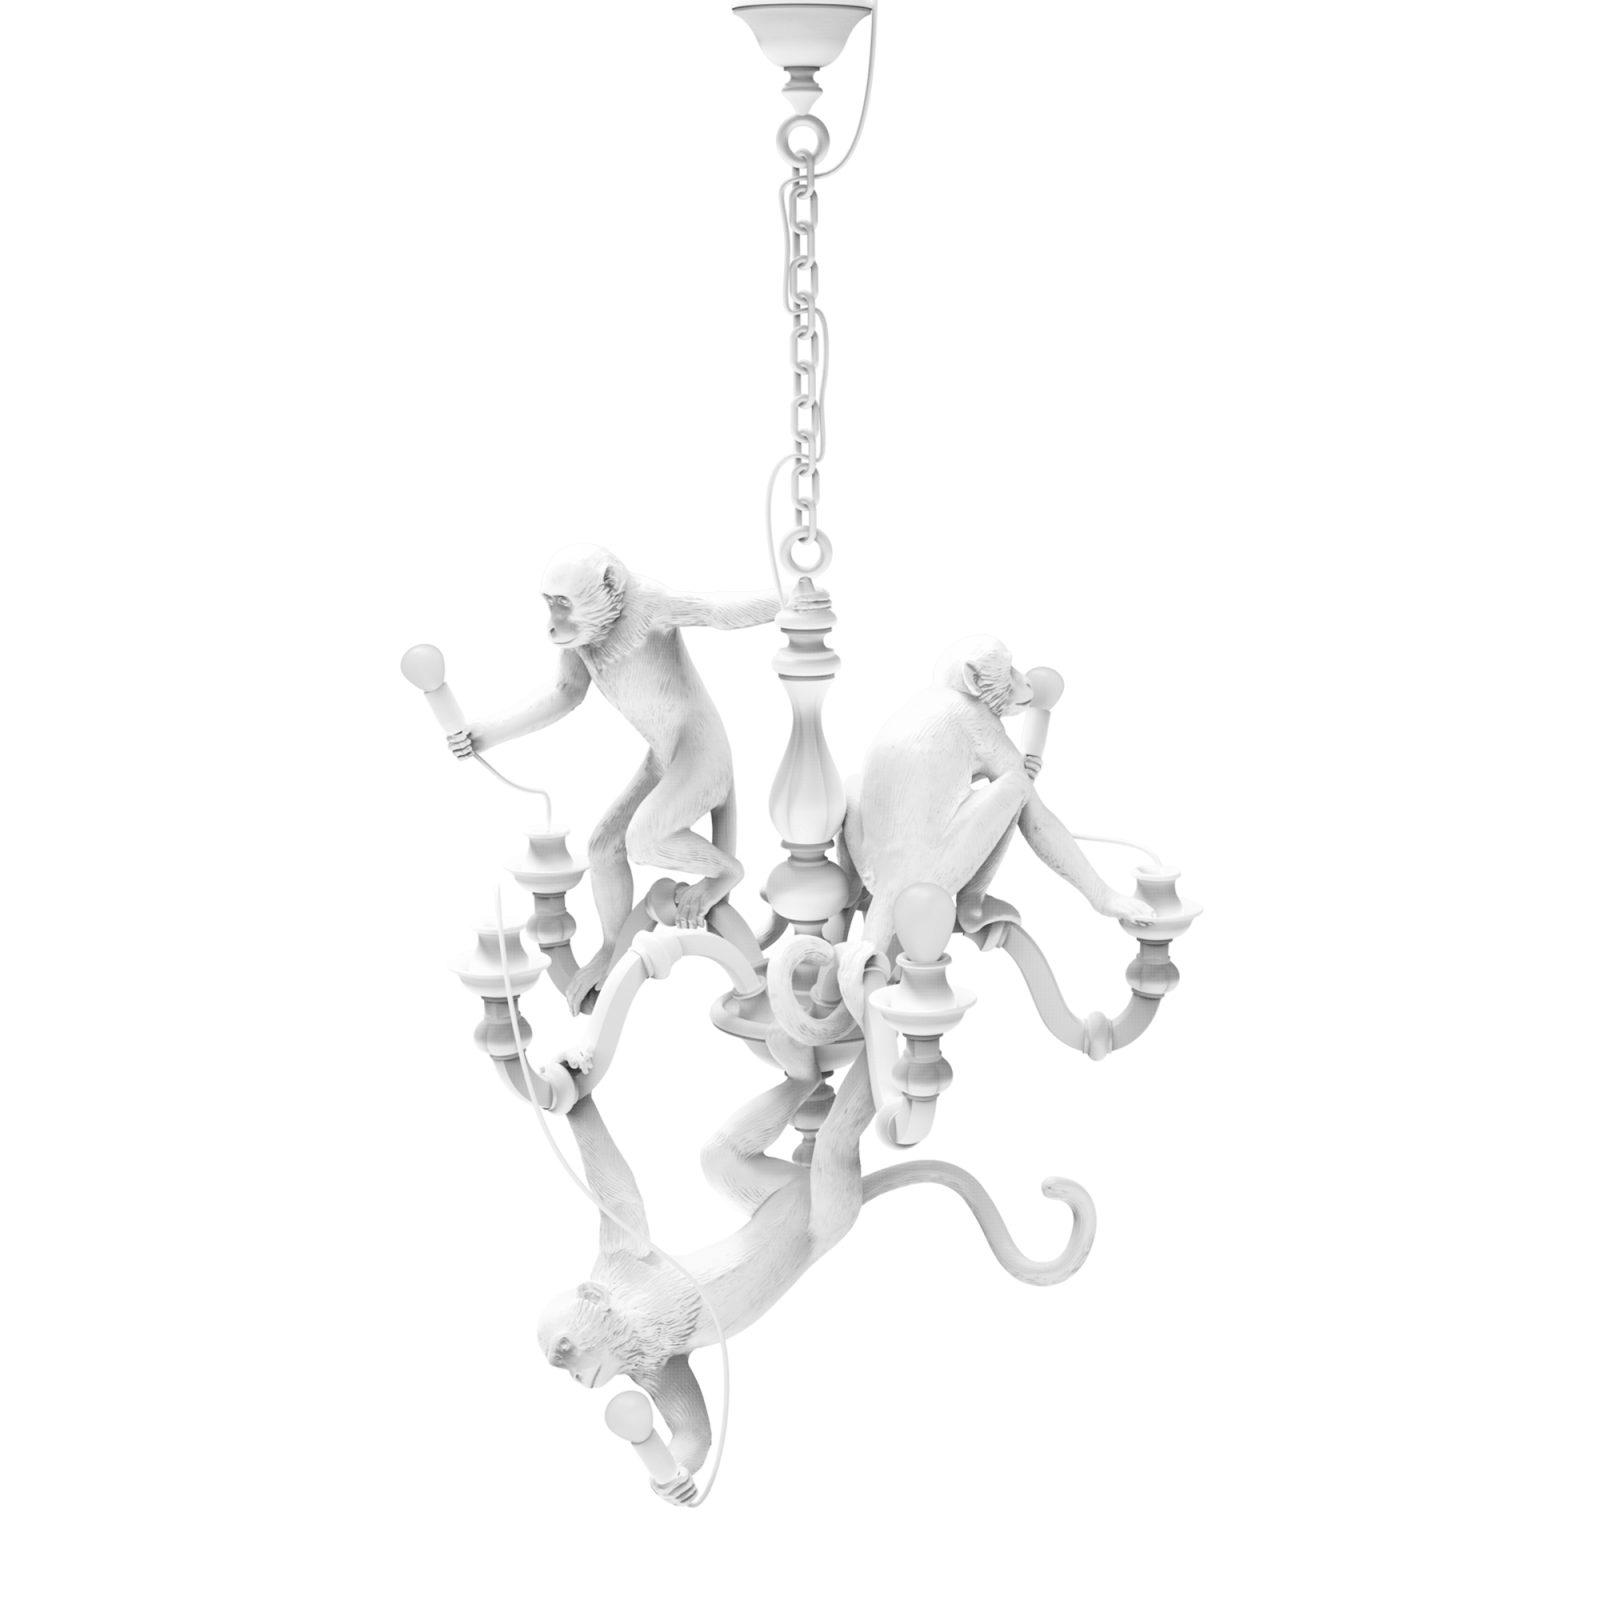 seletti-monkey-chandelier-white-10